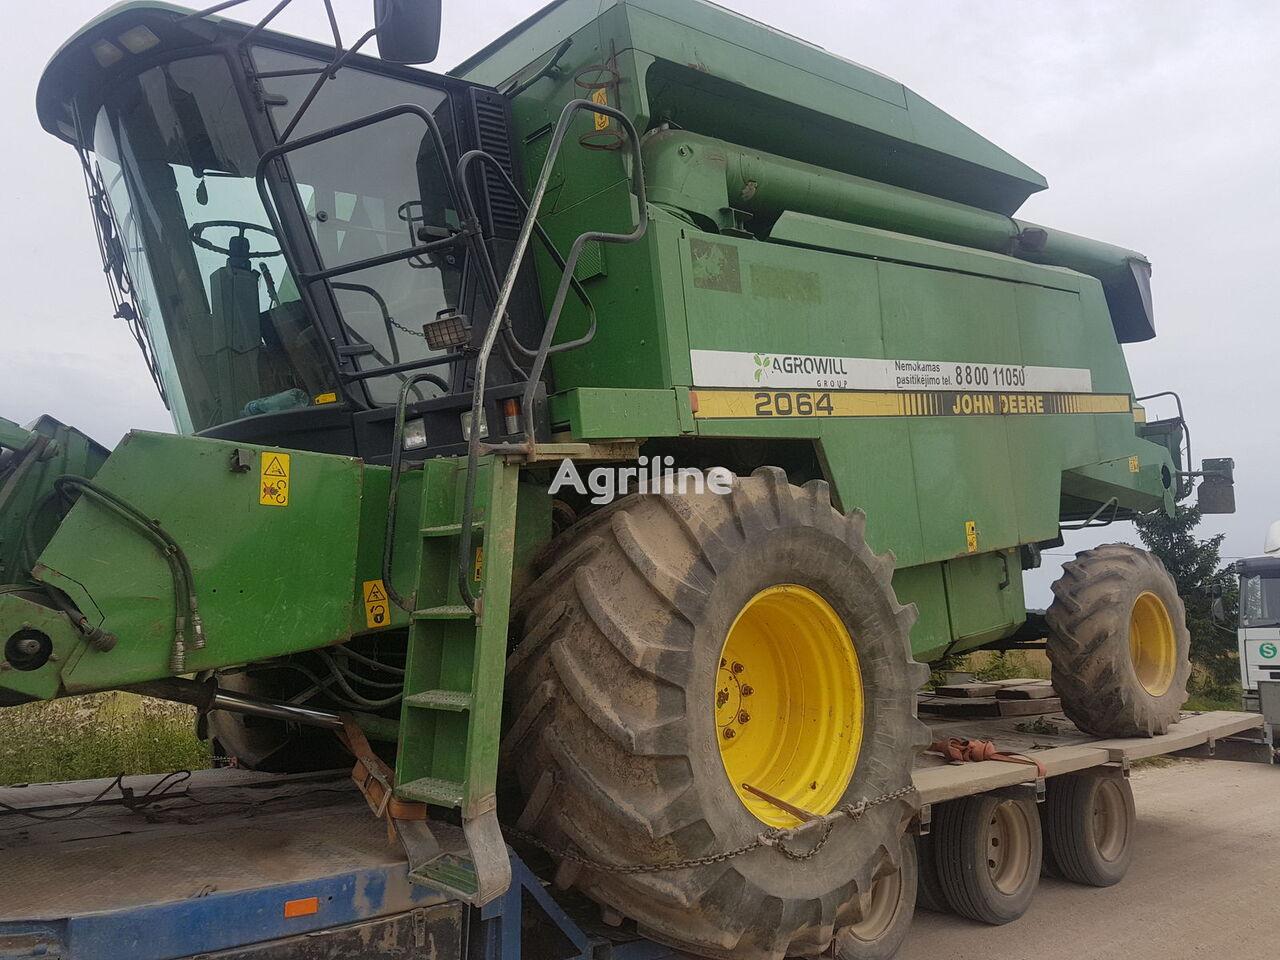 JOHN DEERE 2064 grain harvester